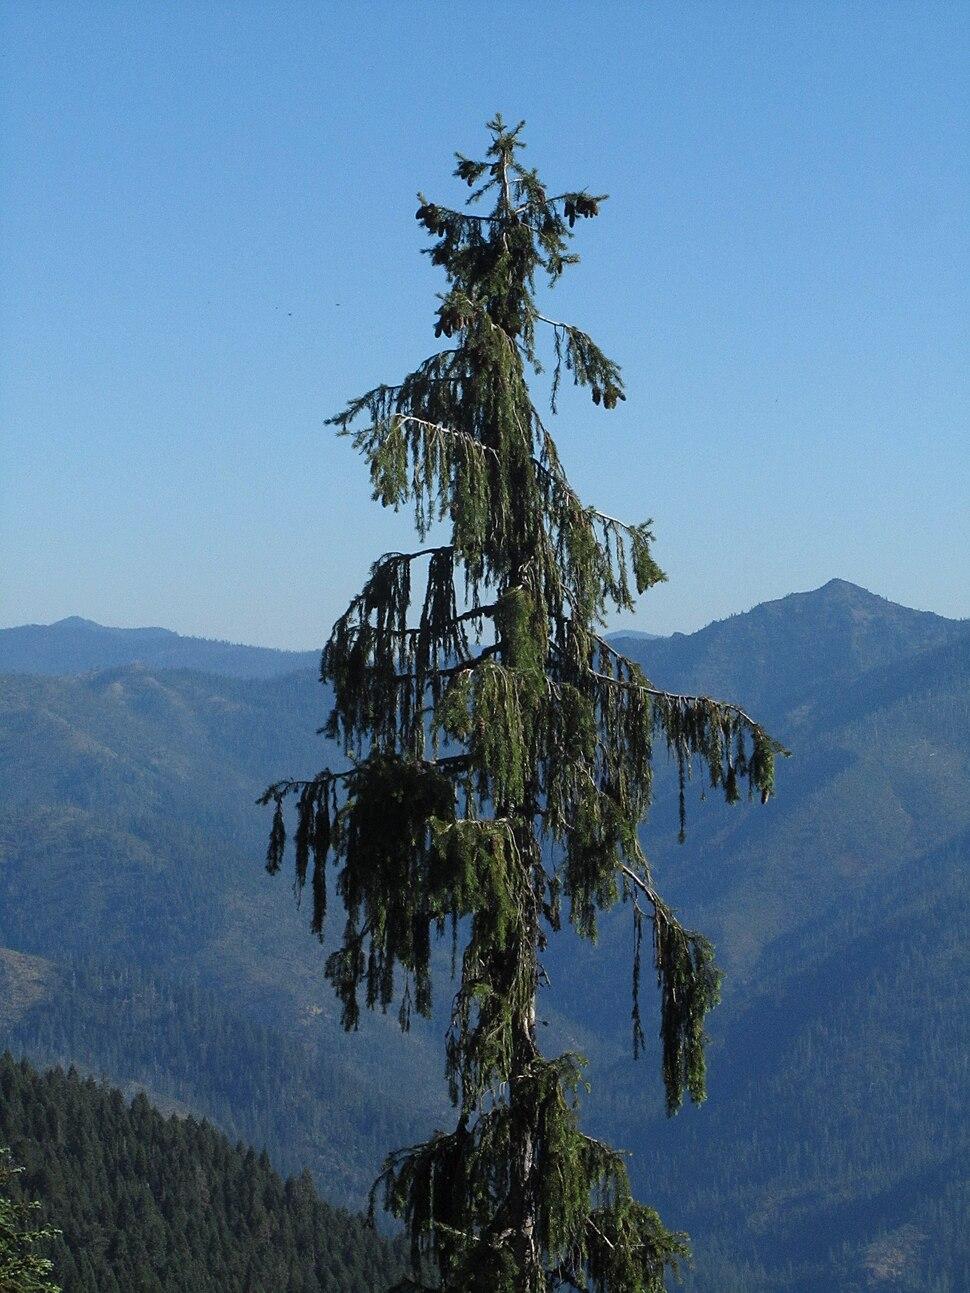 Picea brewerianafullform